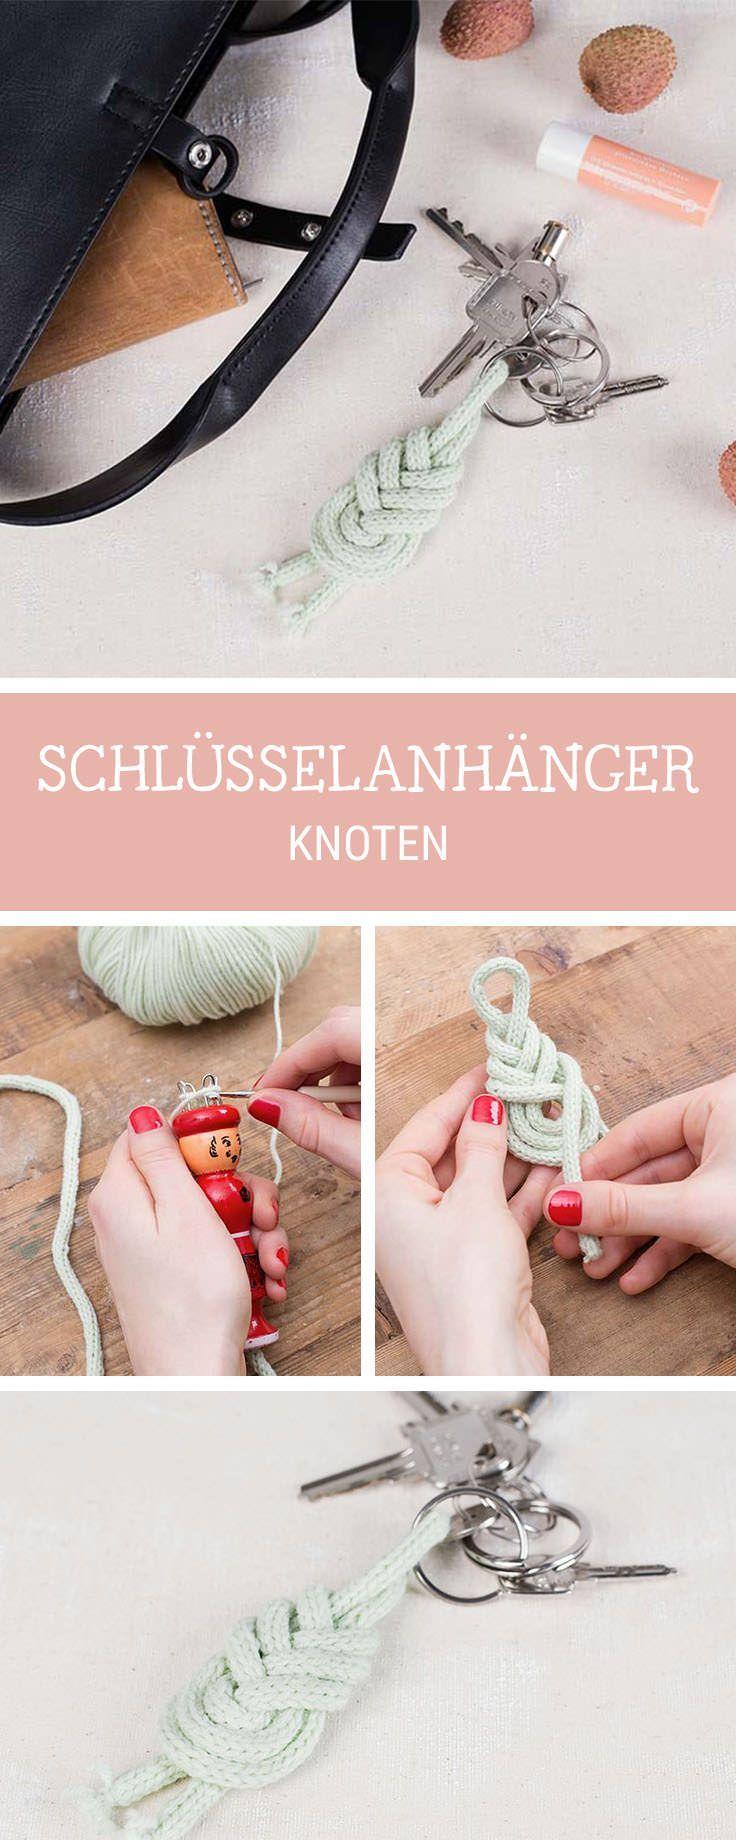 DIY-Anleitung: Schlüsselanhänger knoten, Seemannsknoten / diy inspiration for a knotted key chain via http://DaWanda.com